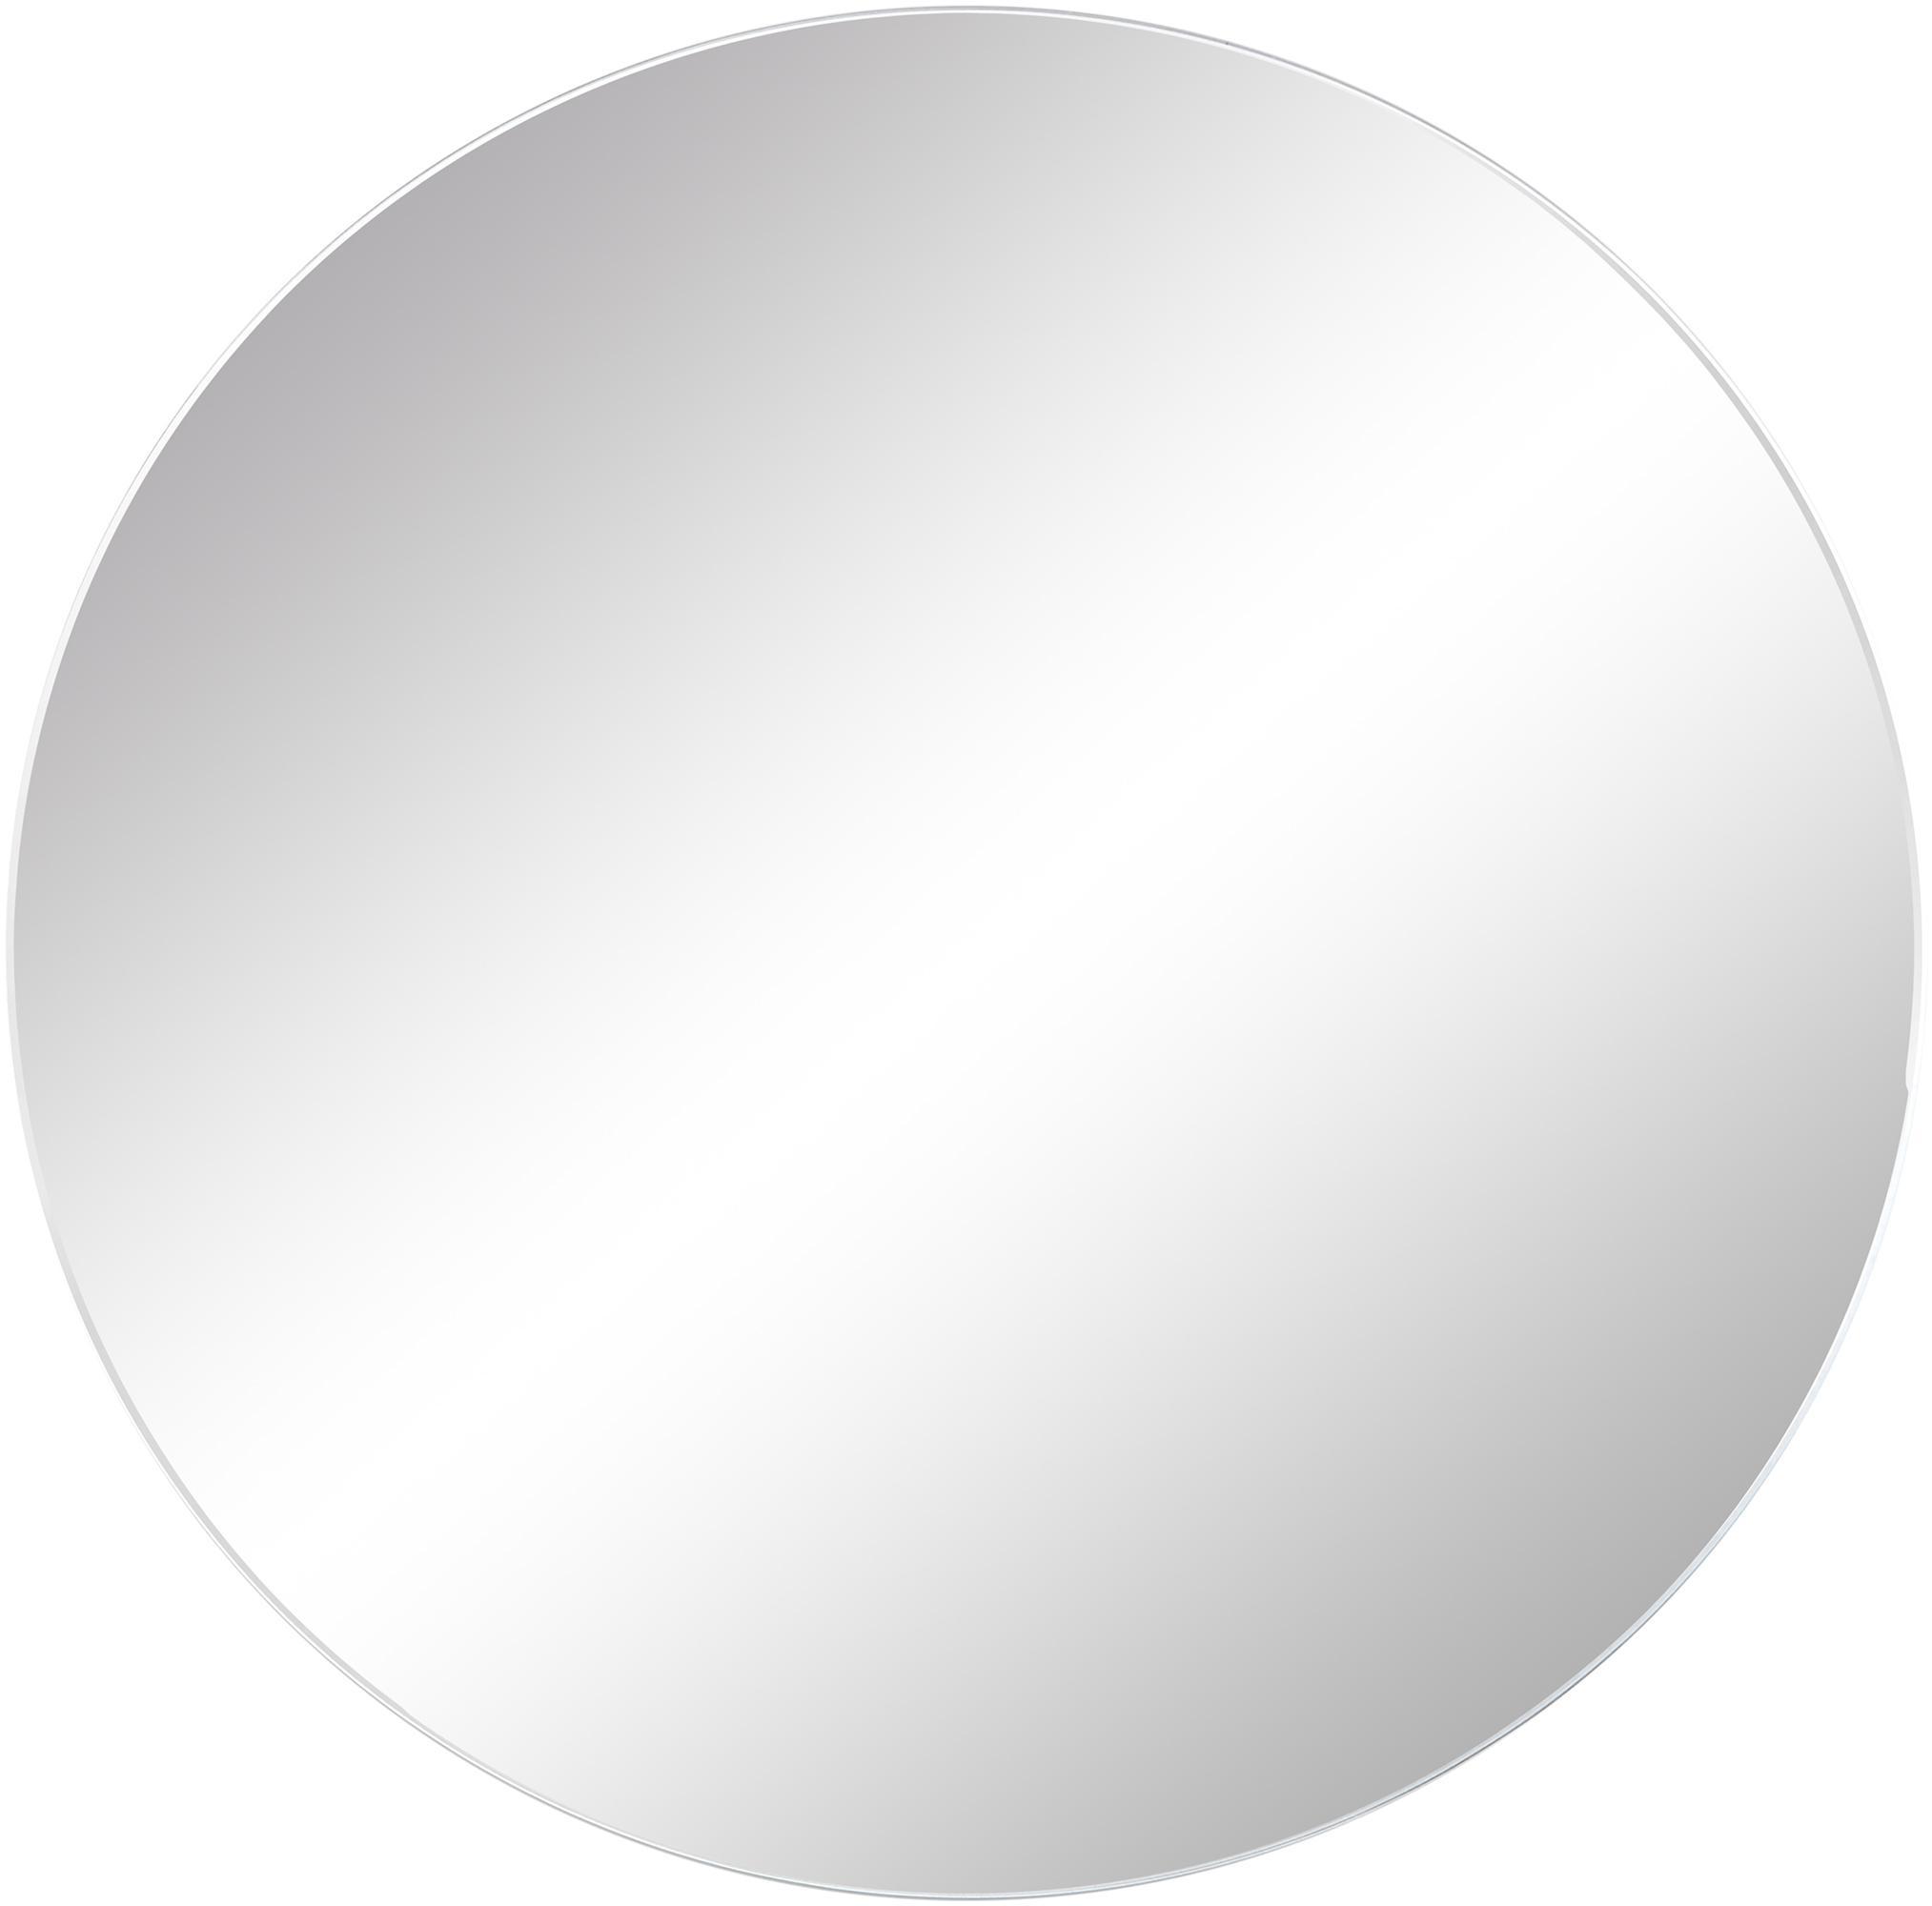 Runder Wandspiegel Erin, Spiegelfläche: Spiegelglas, Rückseite: Mitteldichte Holzfaserpla, Spiegelfläche: SpiegelglasSpiegelaußenkante: Schwarz, Ø 40 cm